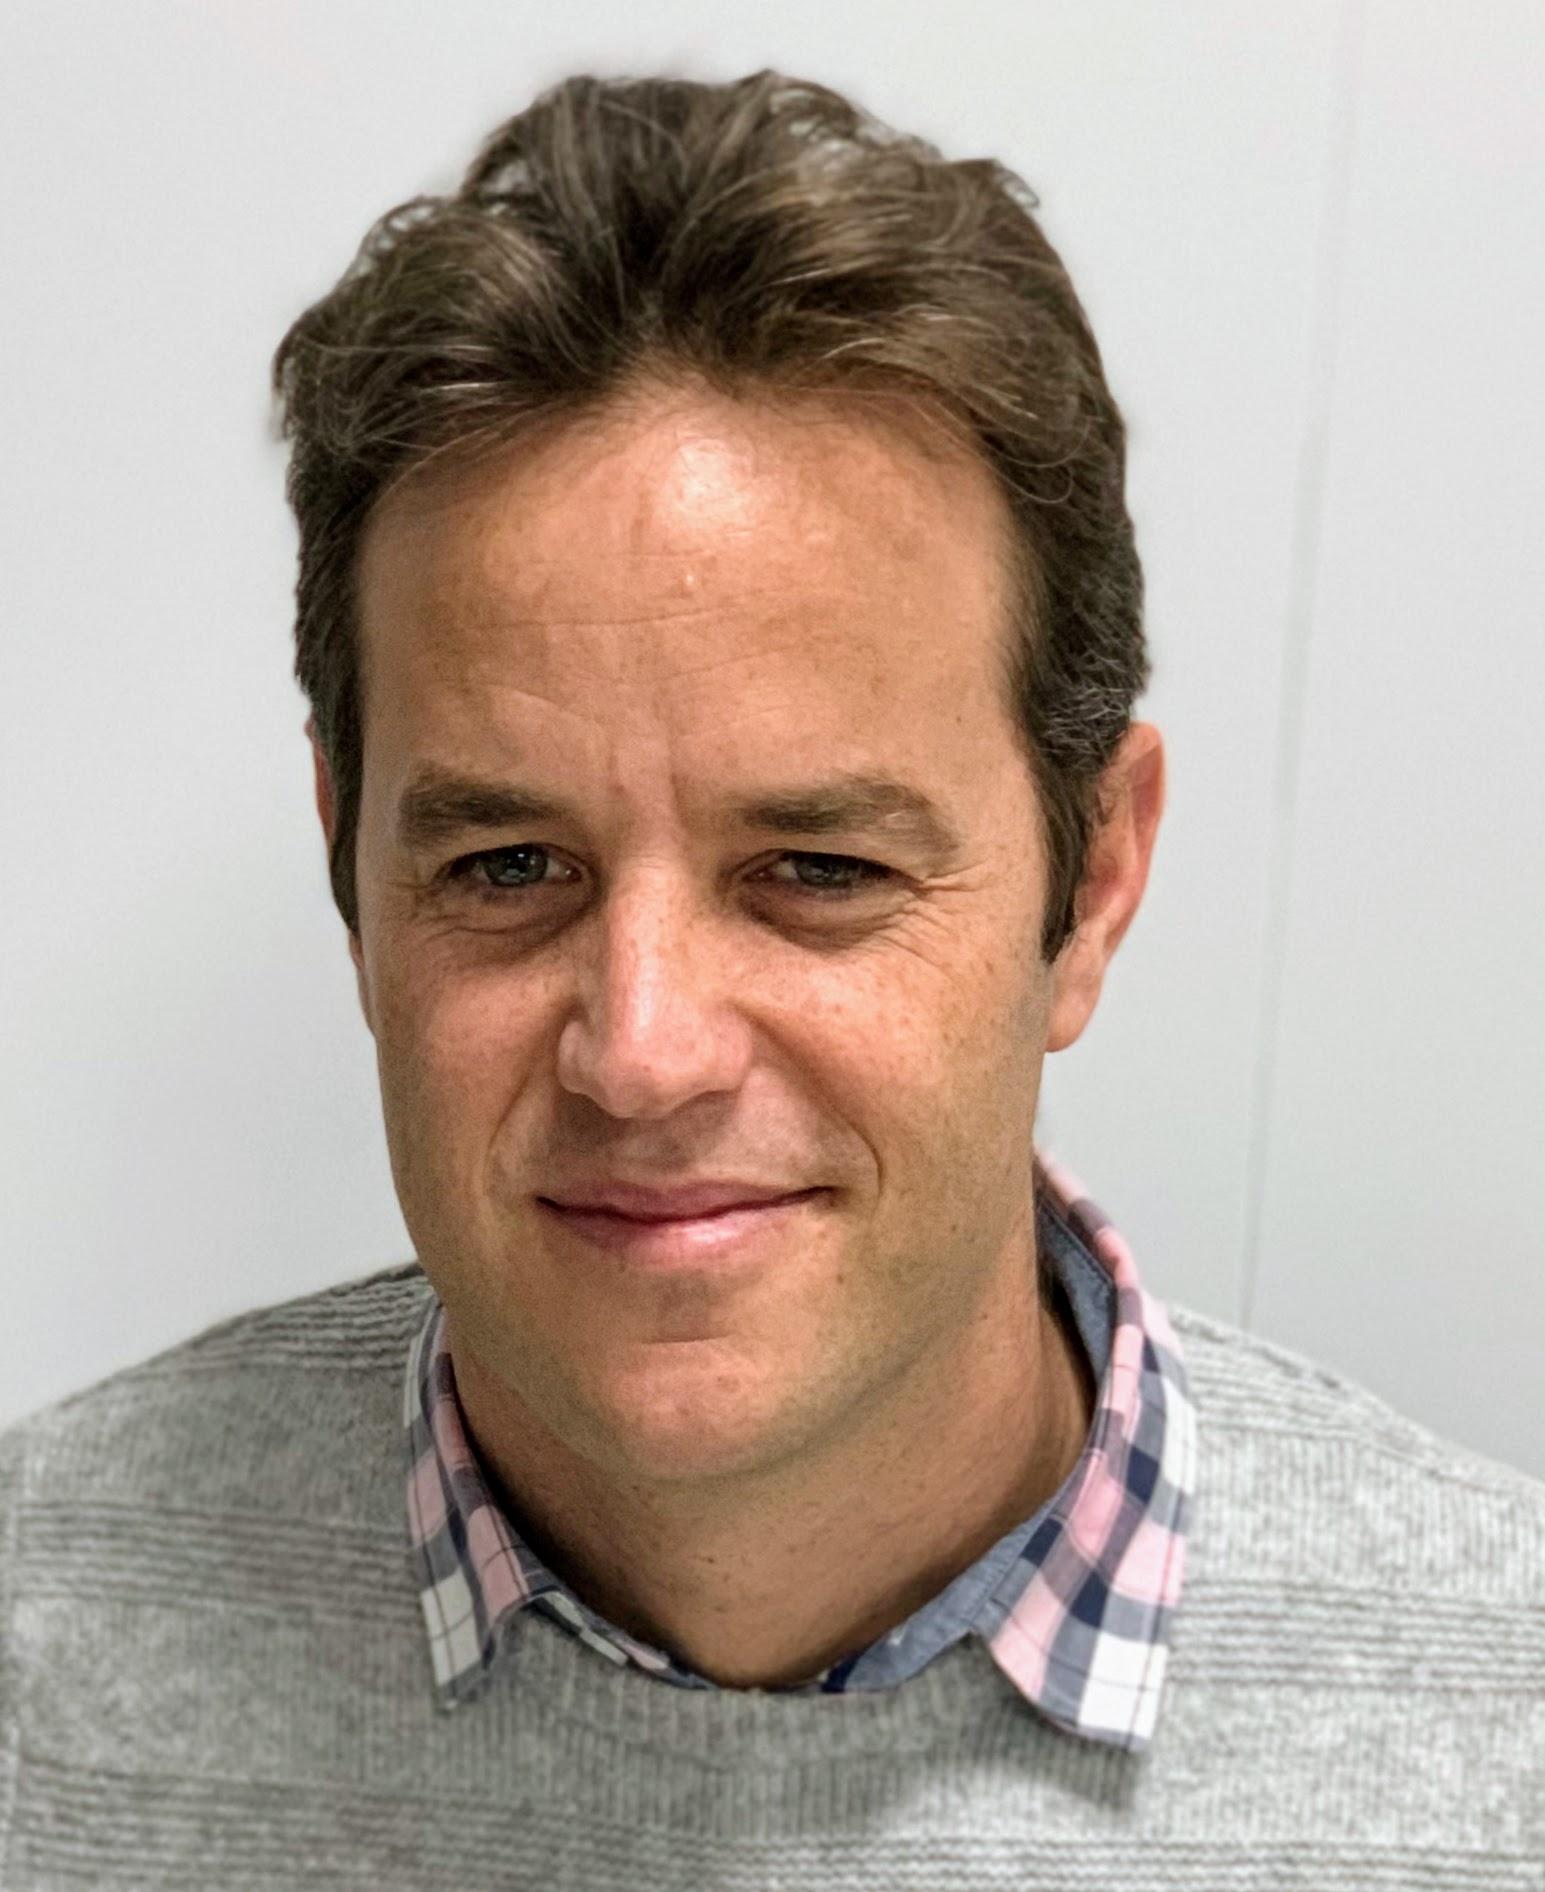 Bevan Bryer headshot